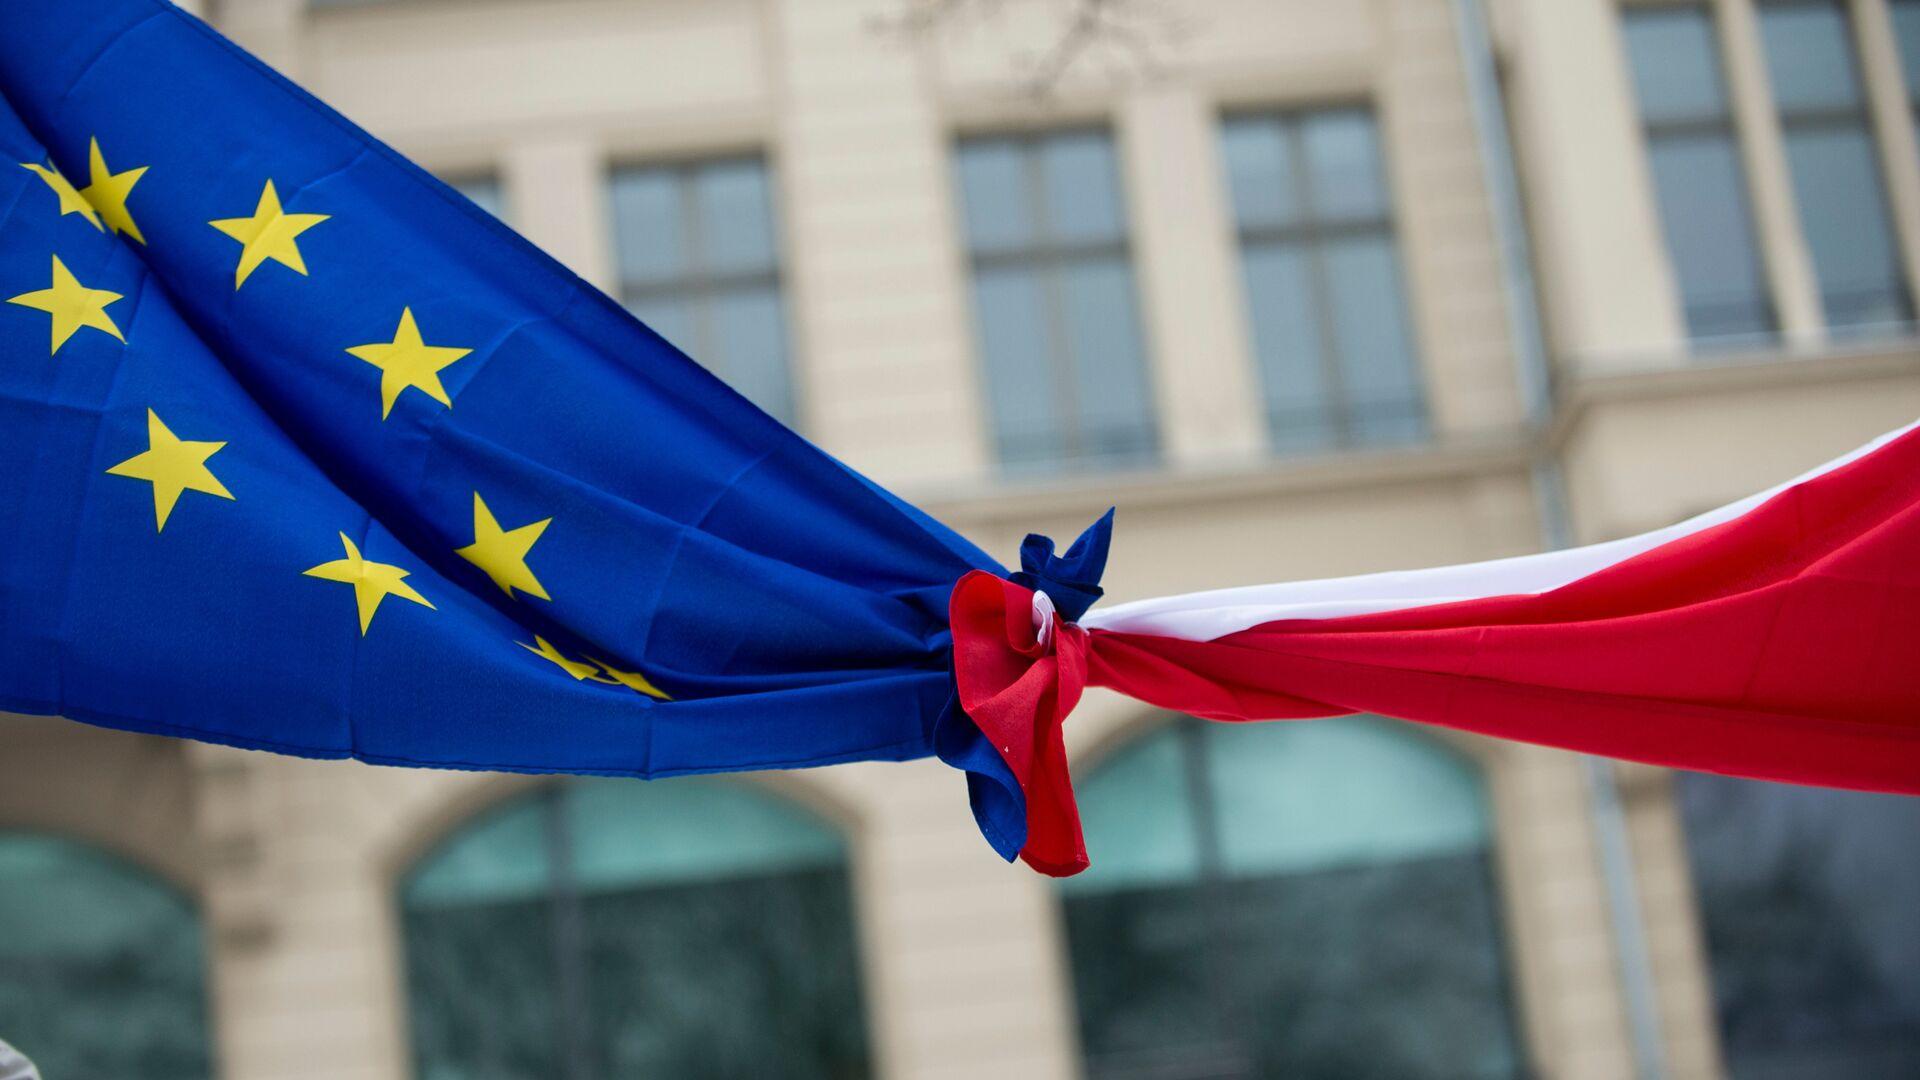 Связанные флаги Евросоюза и Польши - РИА Новости, 1920, 24.11.2020